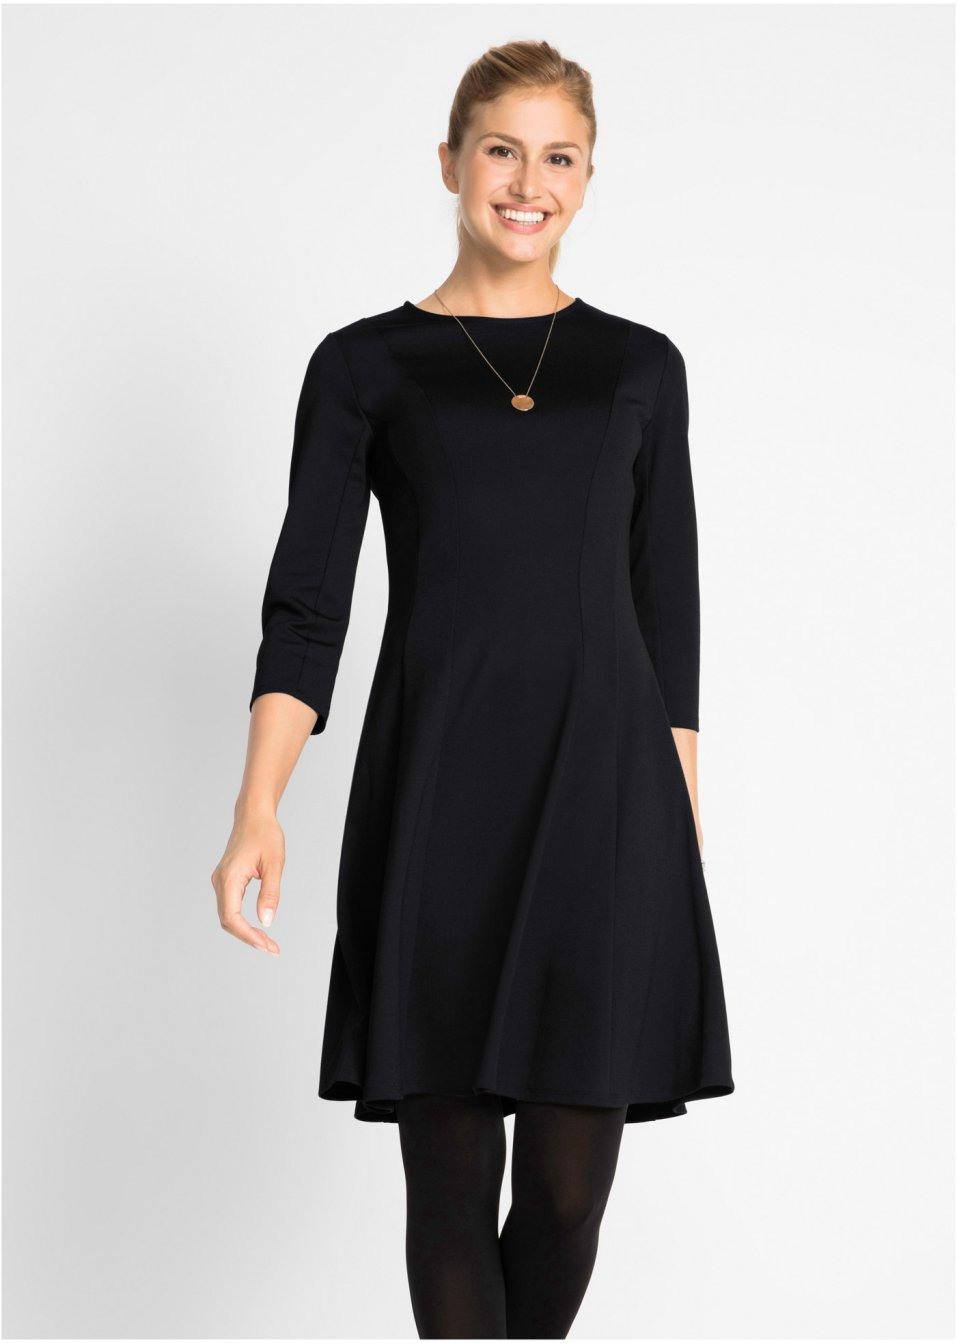 Punto Di Roma Kleid Mit 3/4Ärmeln Designt Von Maite Kelly